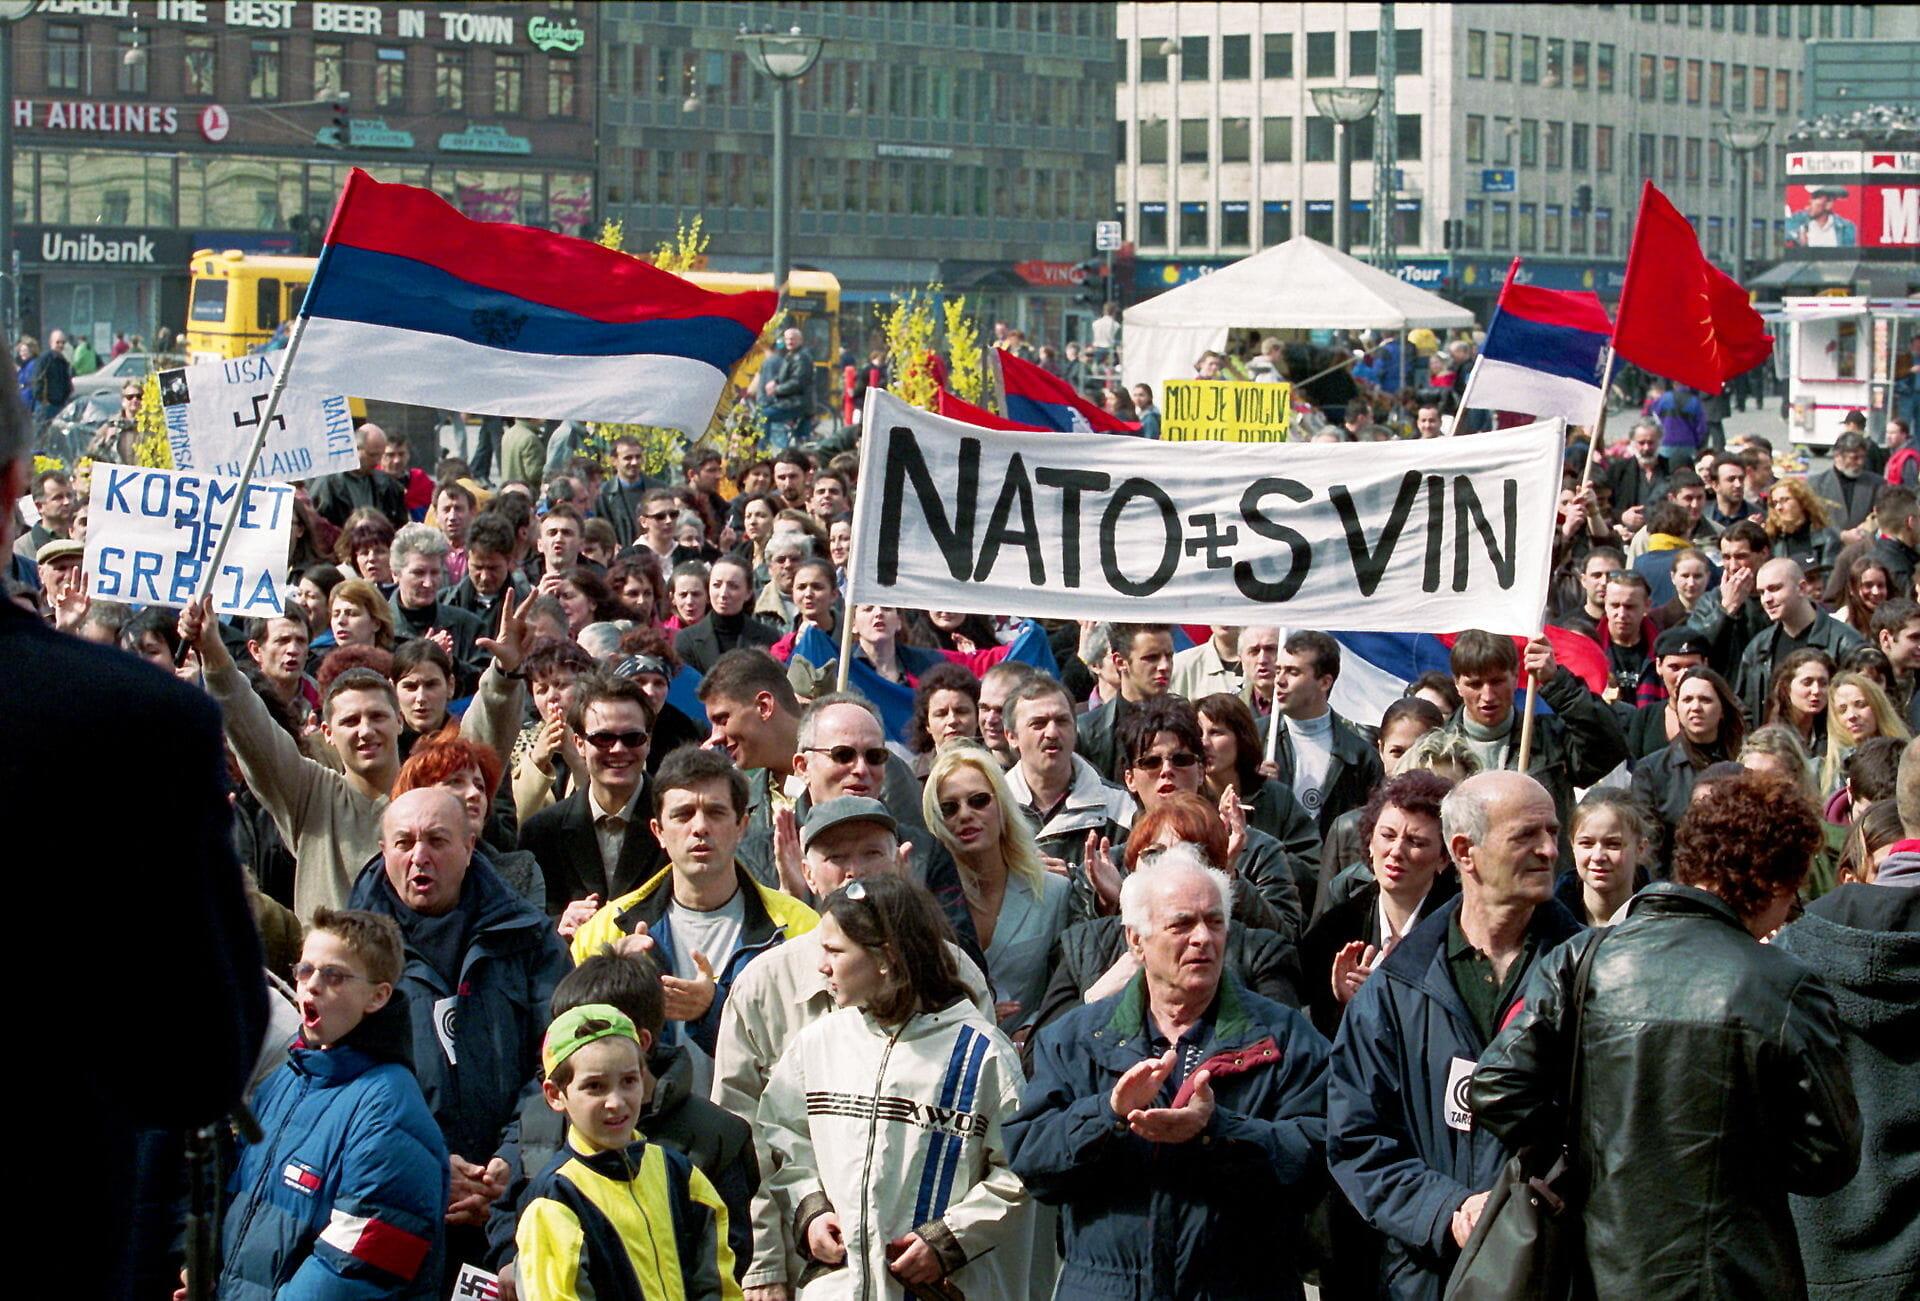 OVERBLIK: Nye kriser efter den kolde krig